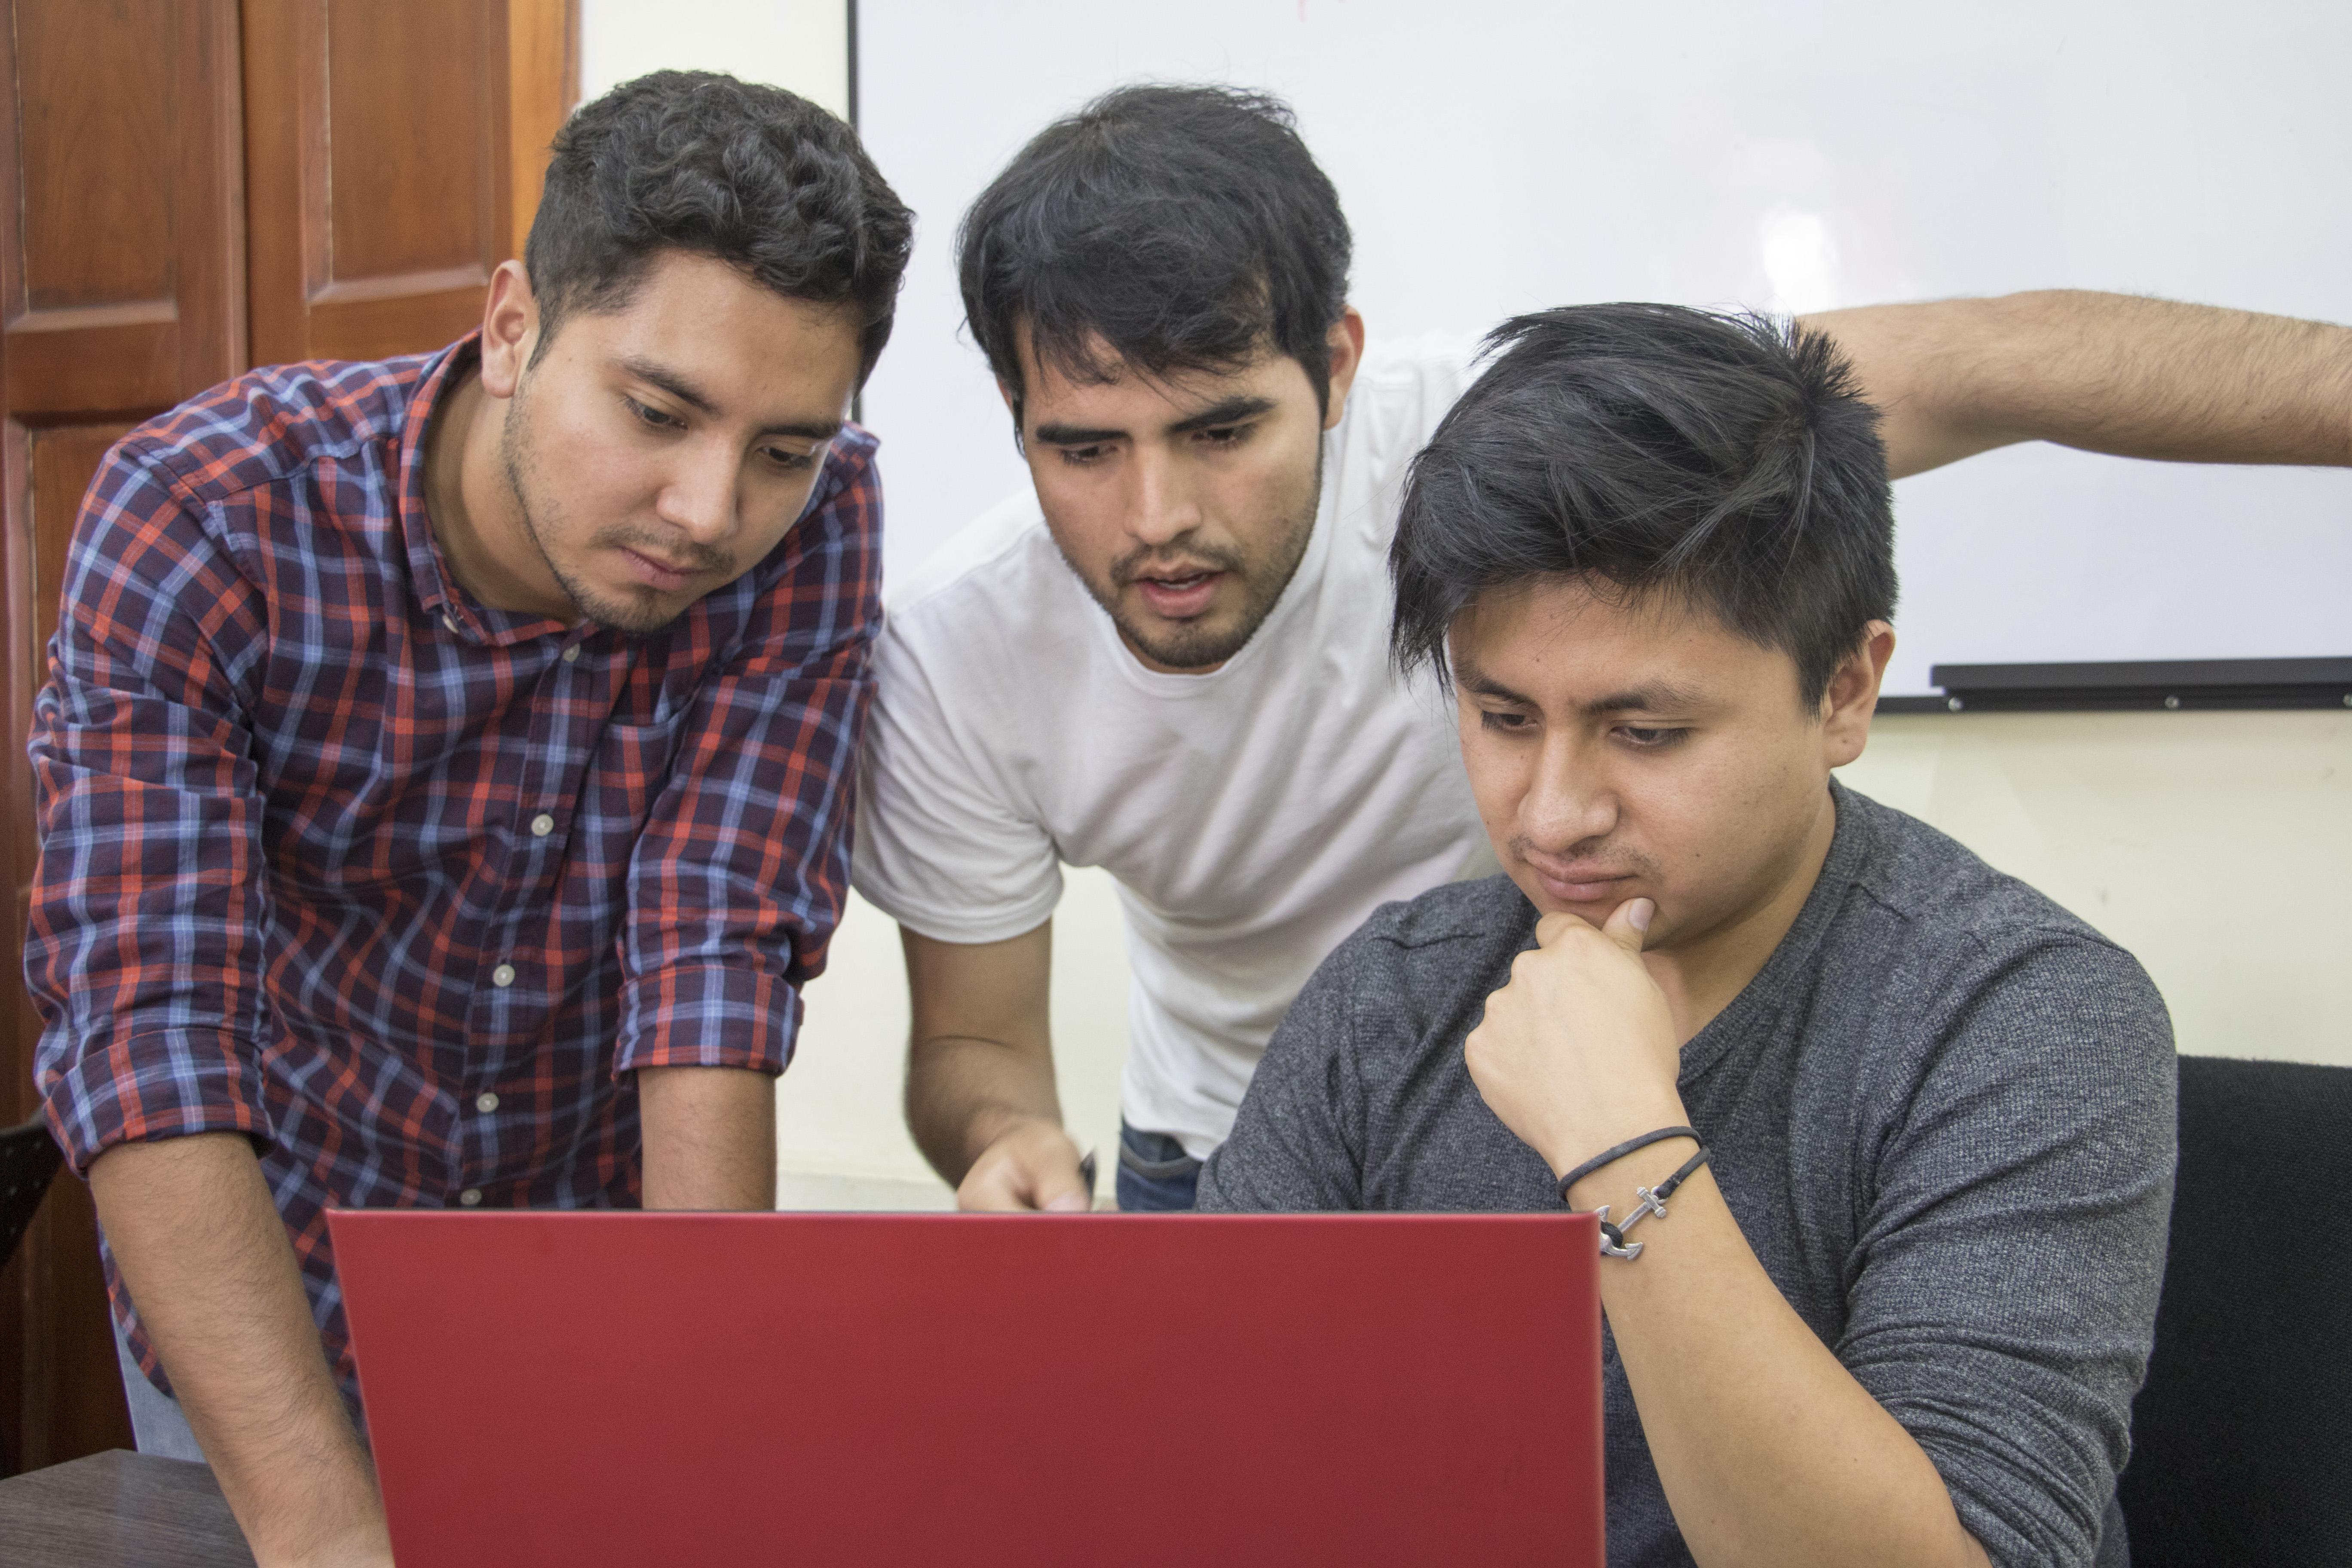 ESTUDIANTES DE YACHAY TECH COOPERAN  EN PROYECTO DE SOSTENIBILIDAD URBANA